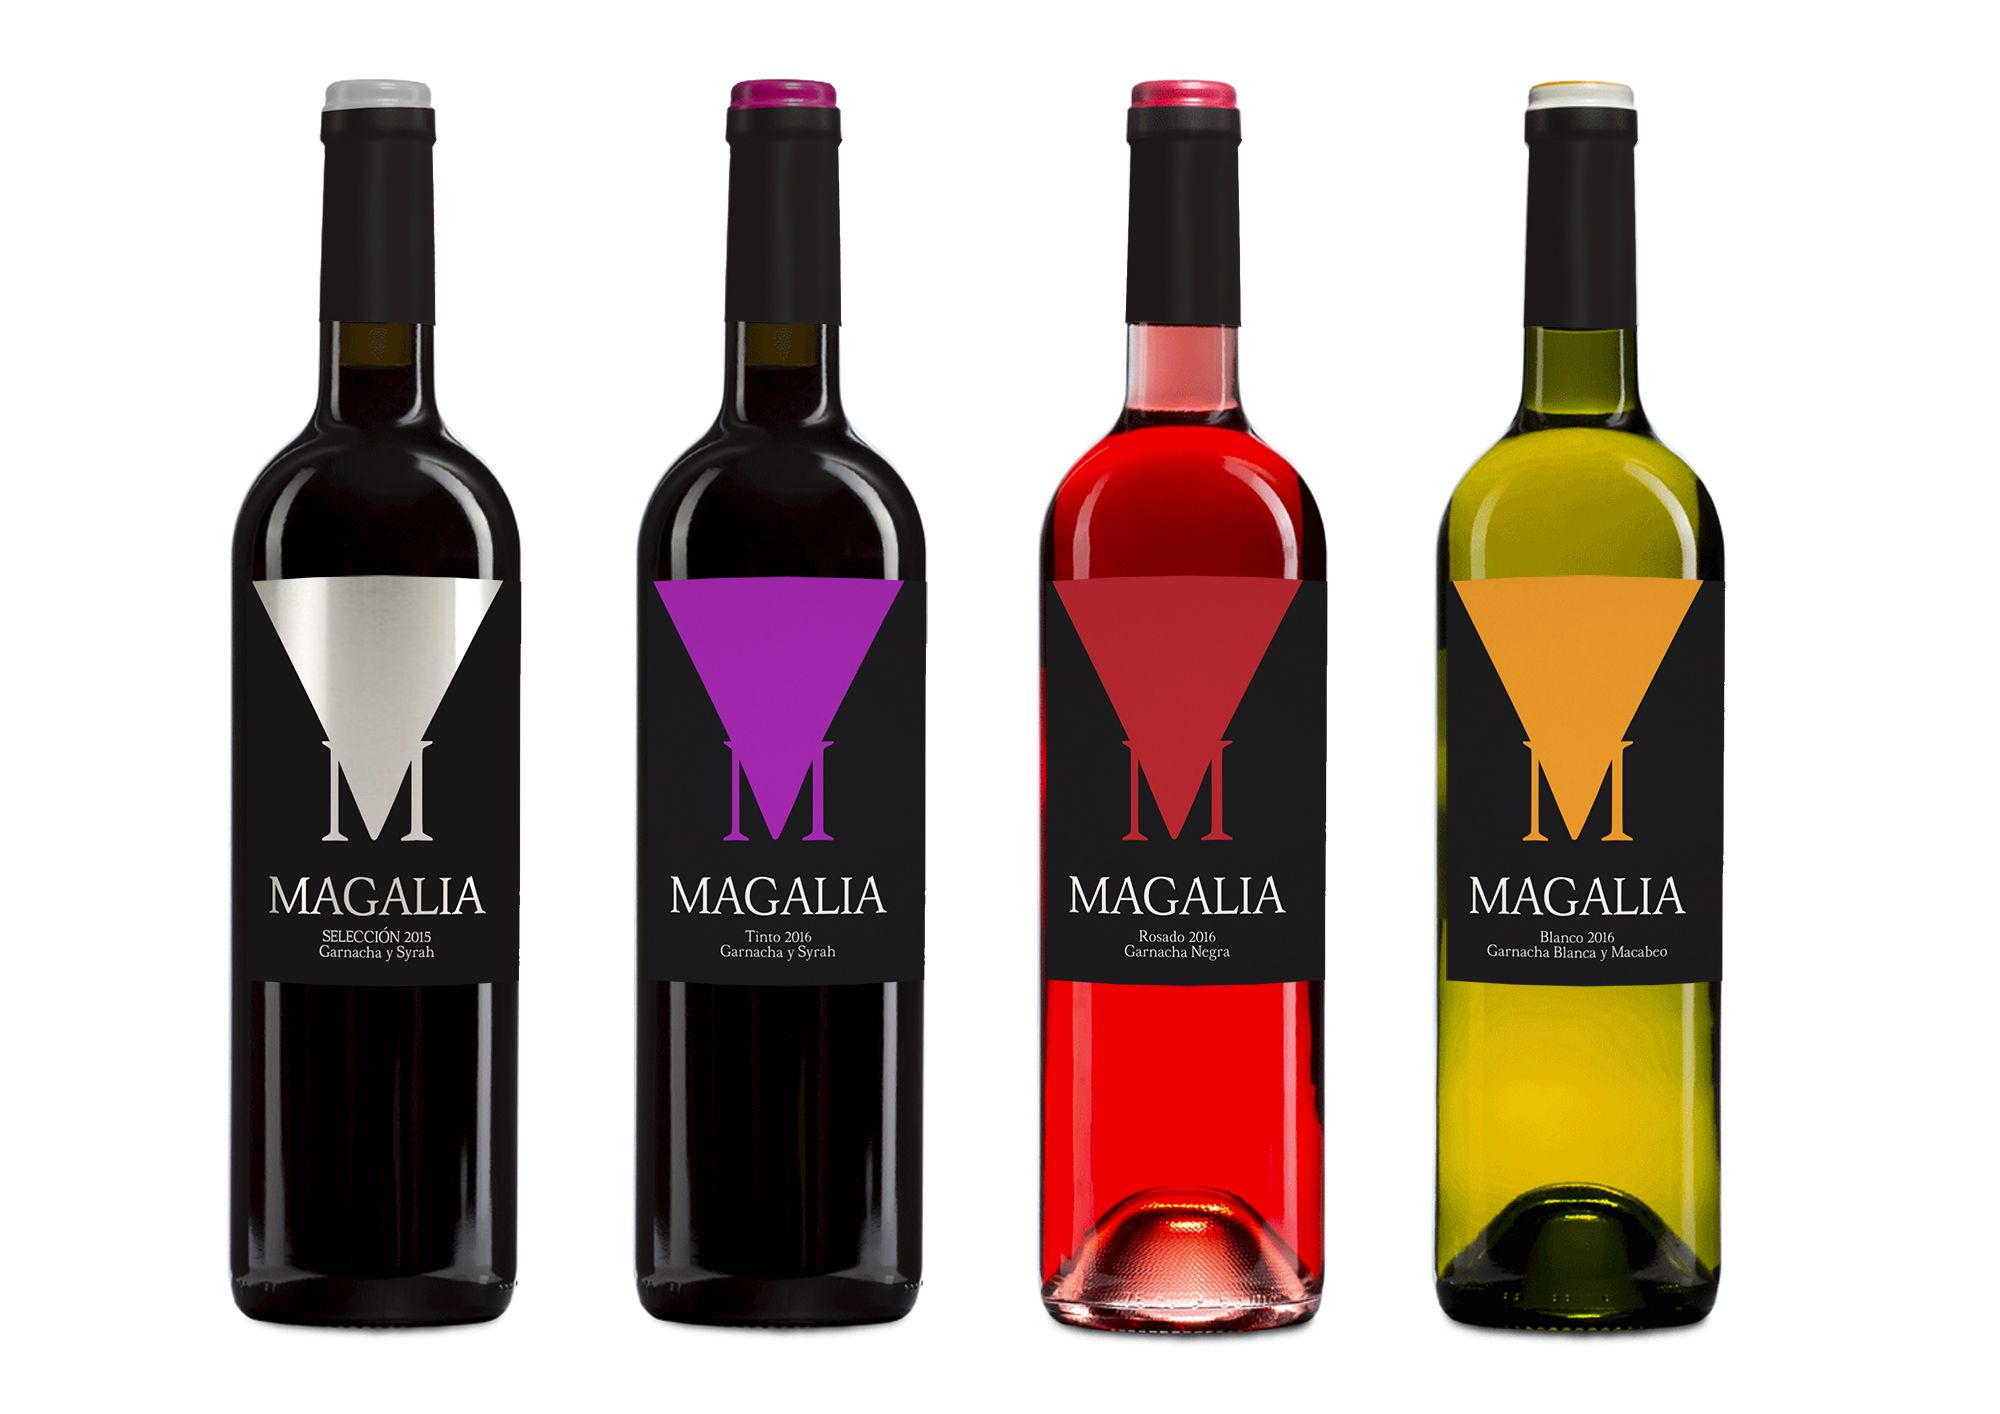 Diseno De Etiqueta Para Vino Tinto Rosado Blanco Y Seleccion De La Cooperativa De Maella Bajo La Marca Ma Etiquetas De Vino Disenos De Unas Diseno Etiquetas